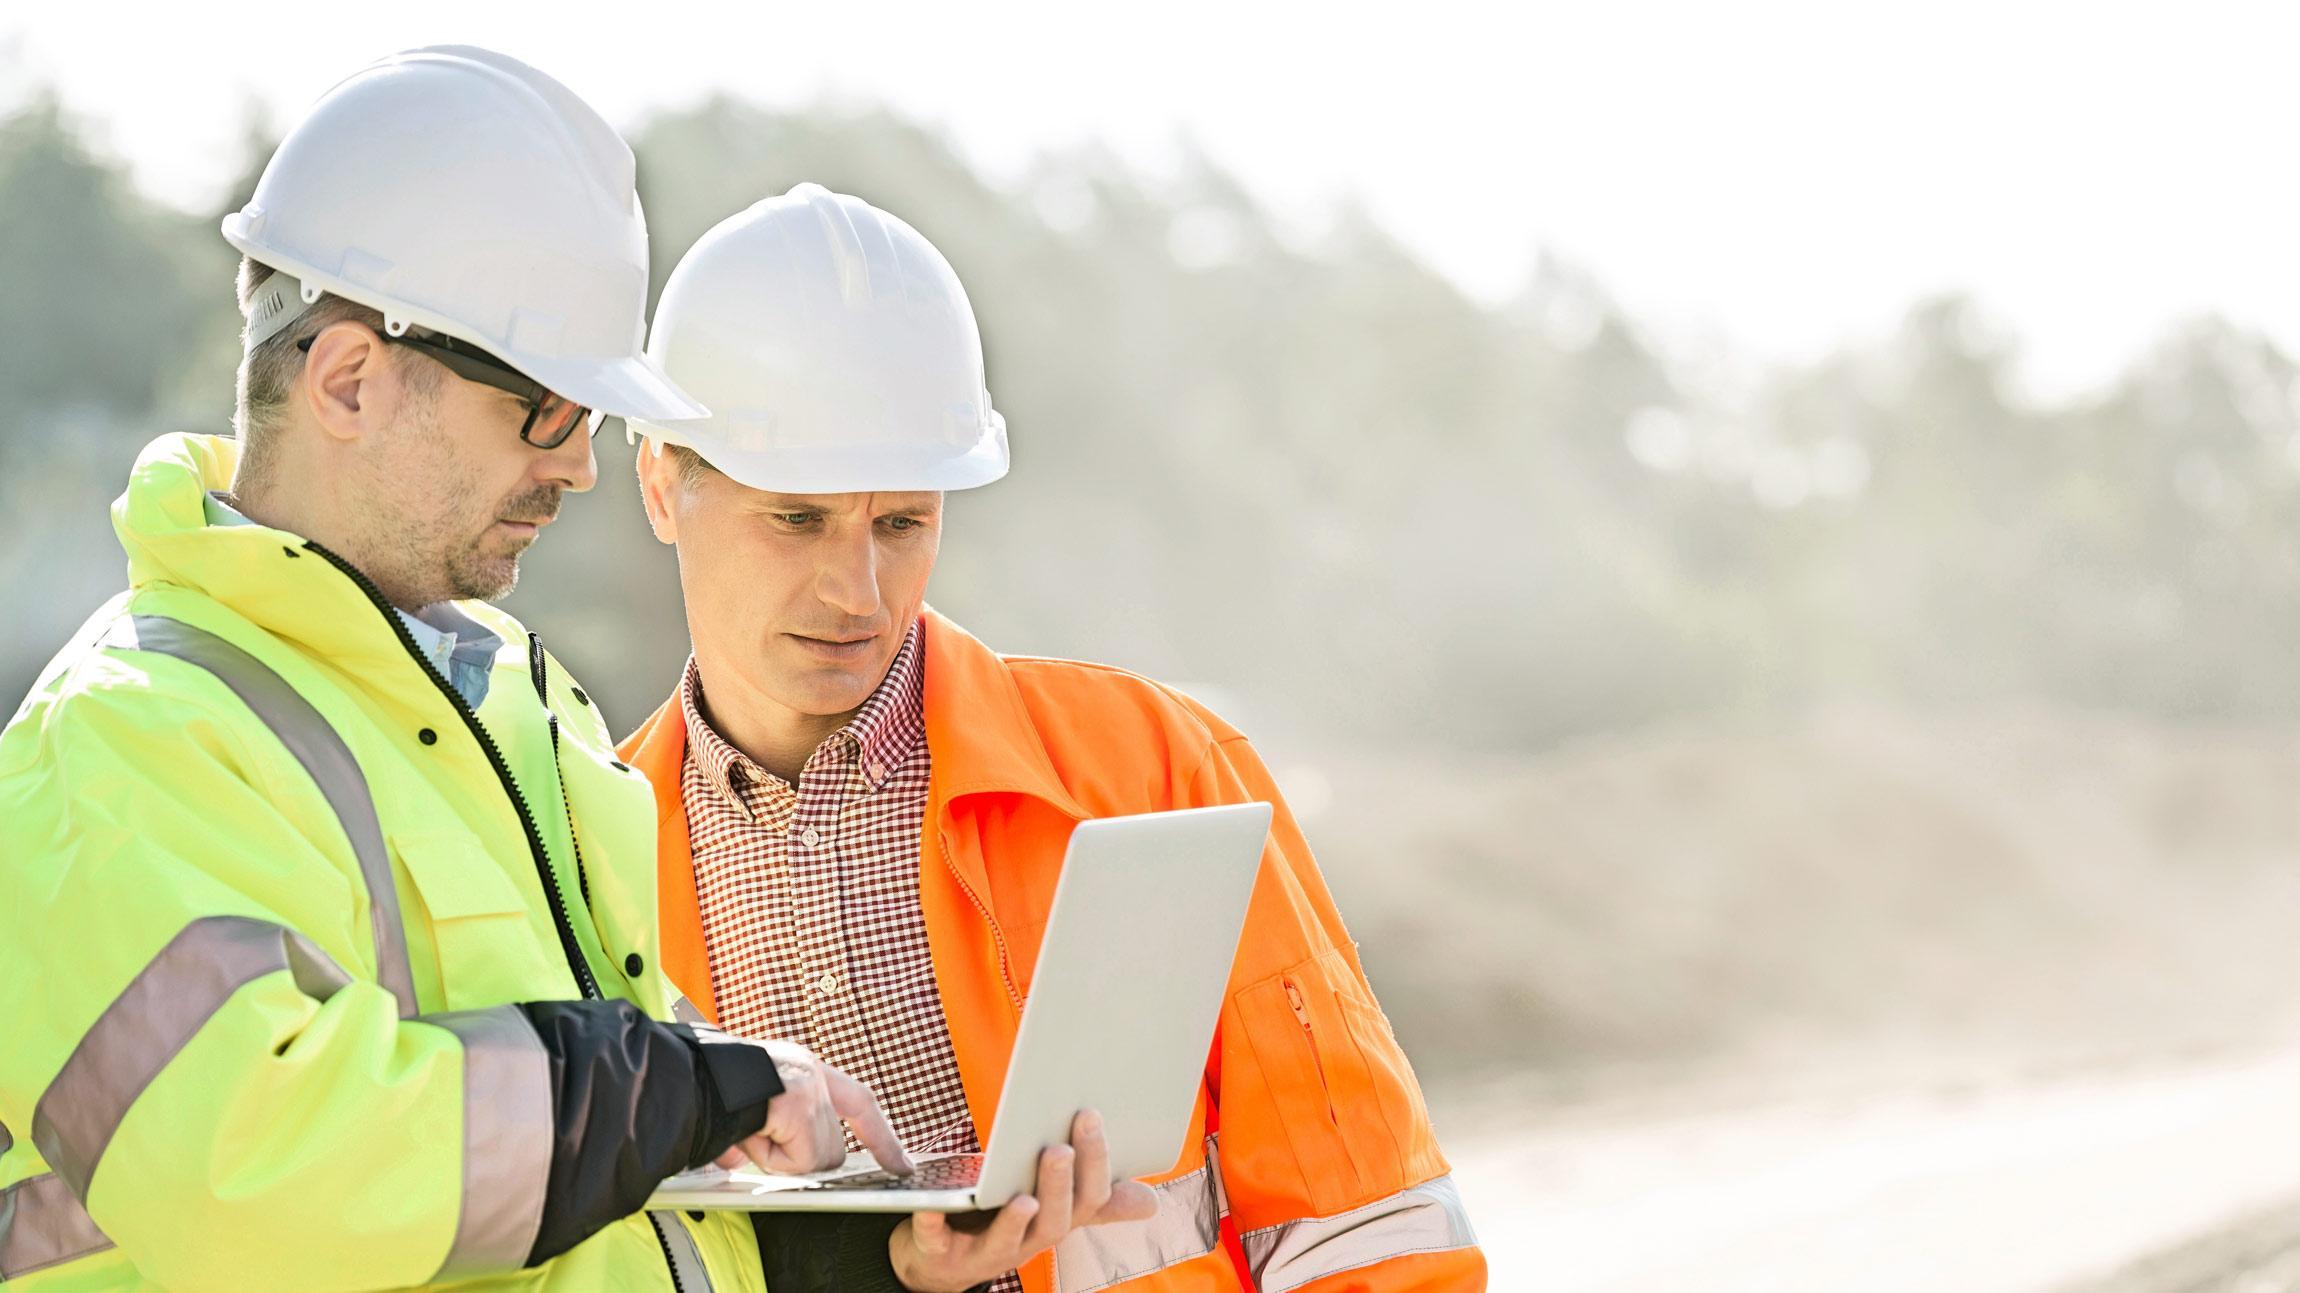 Rakentamisen toimihenkilöt, työnjohtajat, työmaapäälliköt, projekti-insinöörit ja hankintainsinöörit